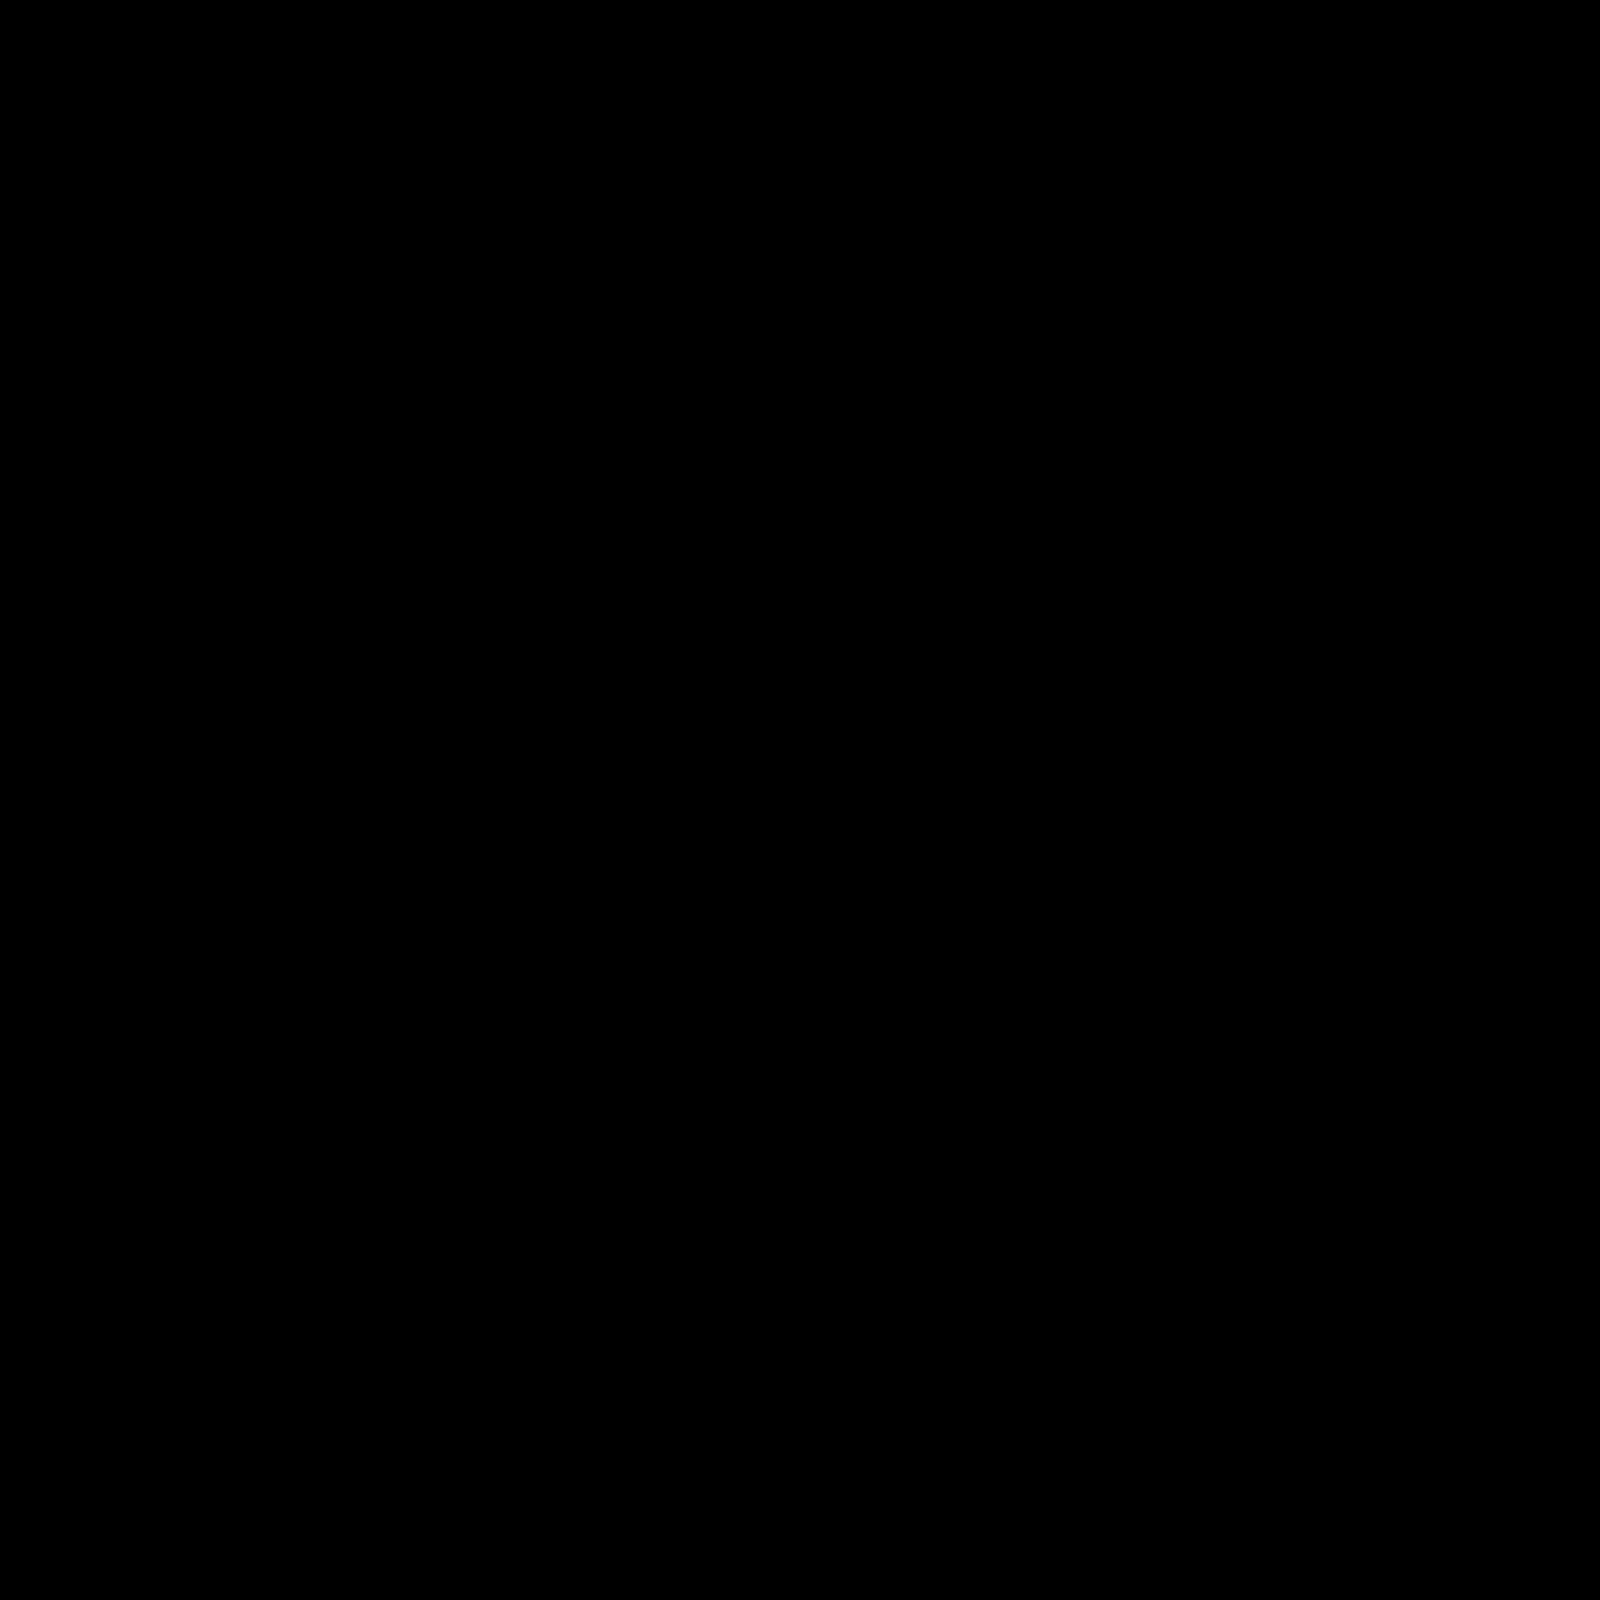 Icon kostenloser download png. Clipart gun hand gun